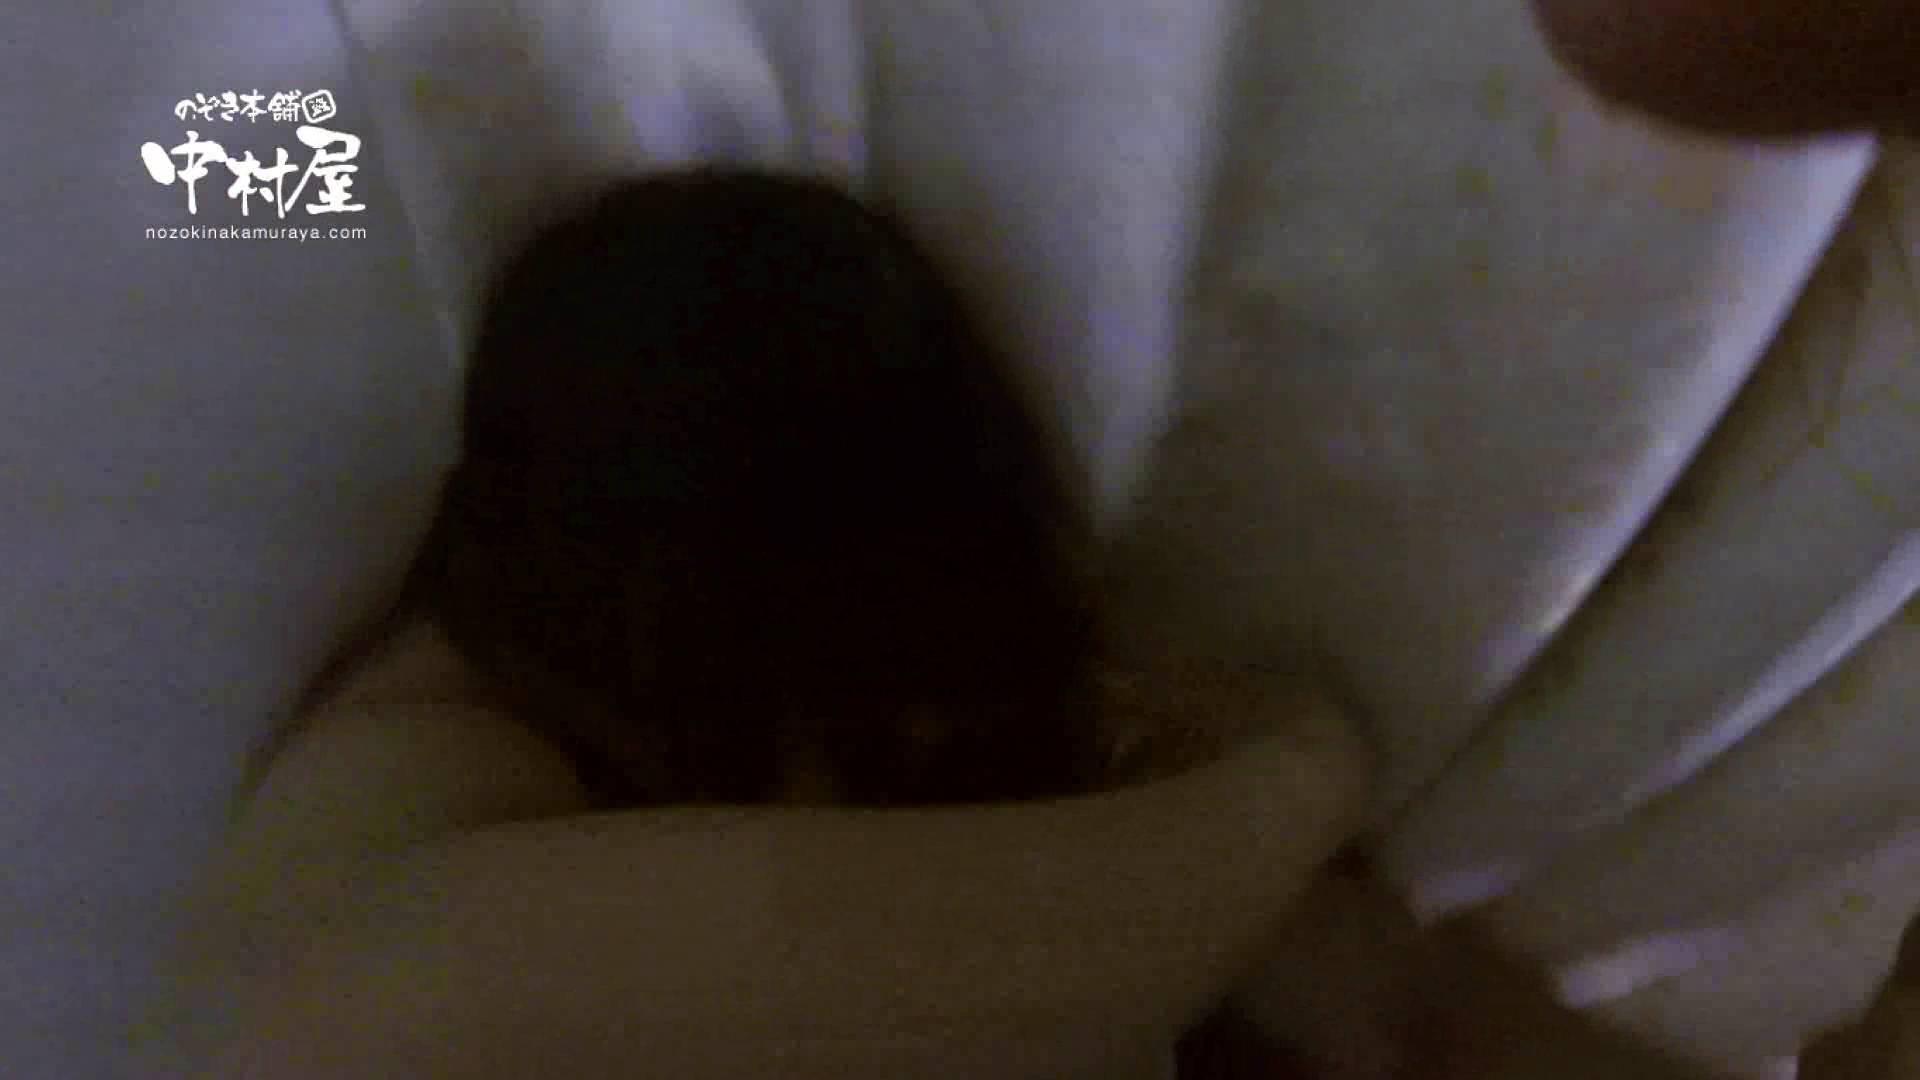 鬼畜 vol.05 誰にも言うなよ! はぃ… 前編 鬼畜  83PIX 32